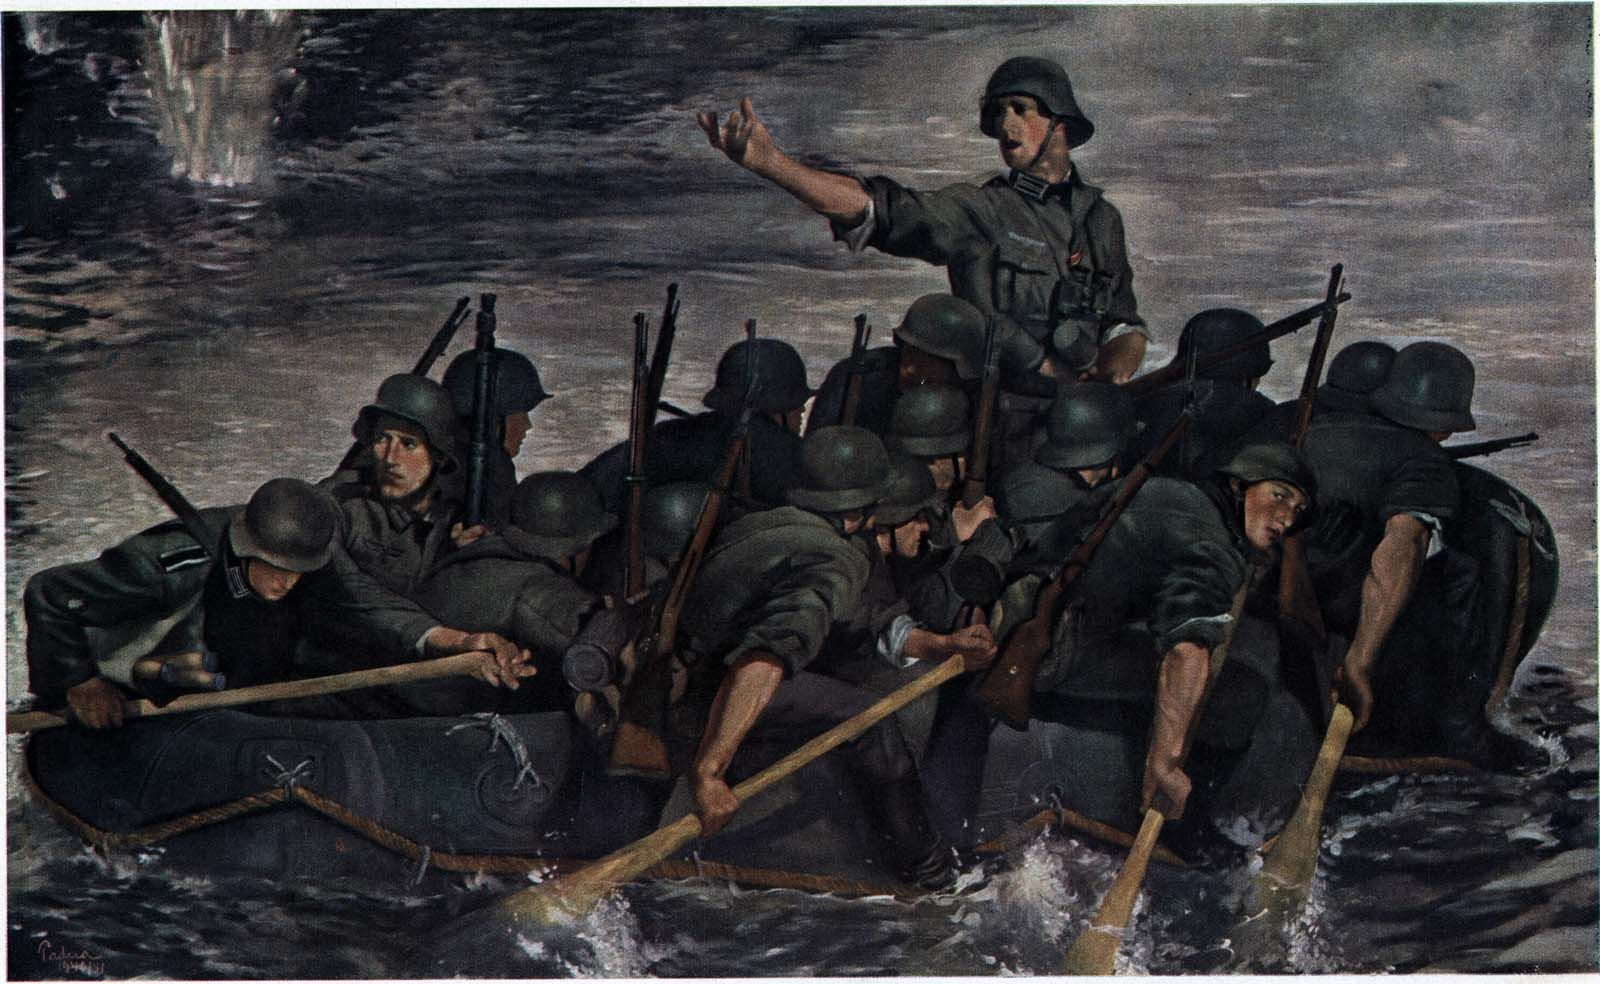 German troops crossing a river